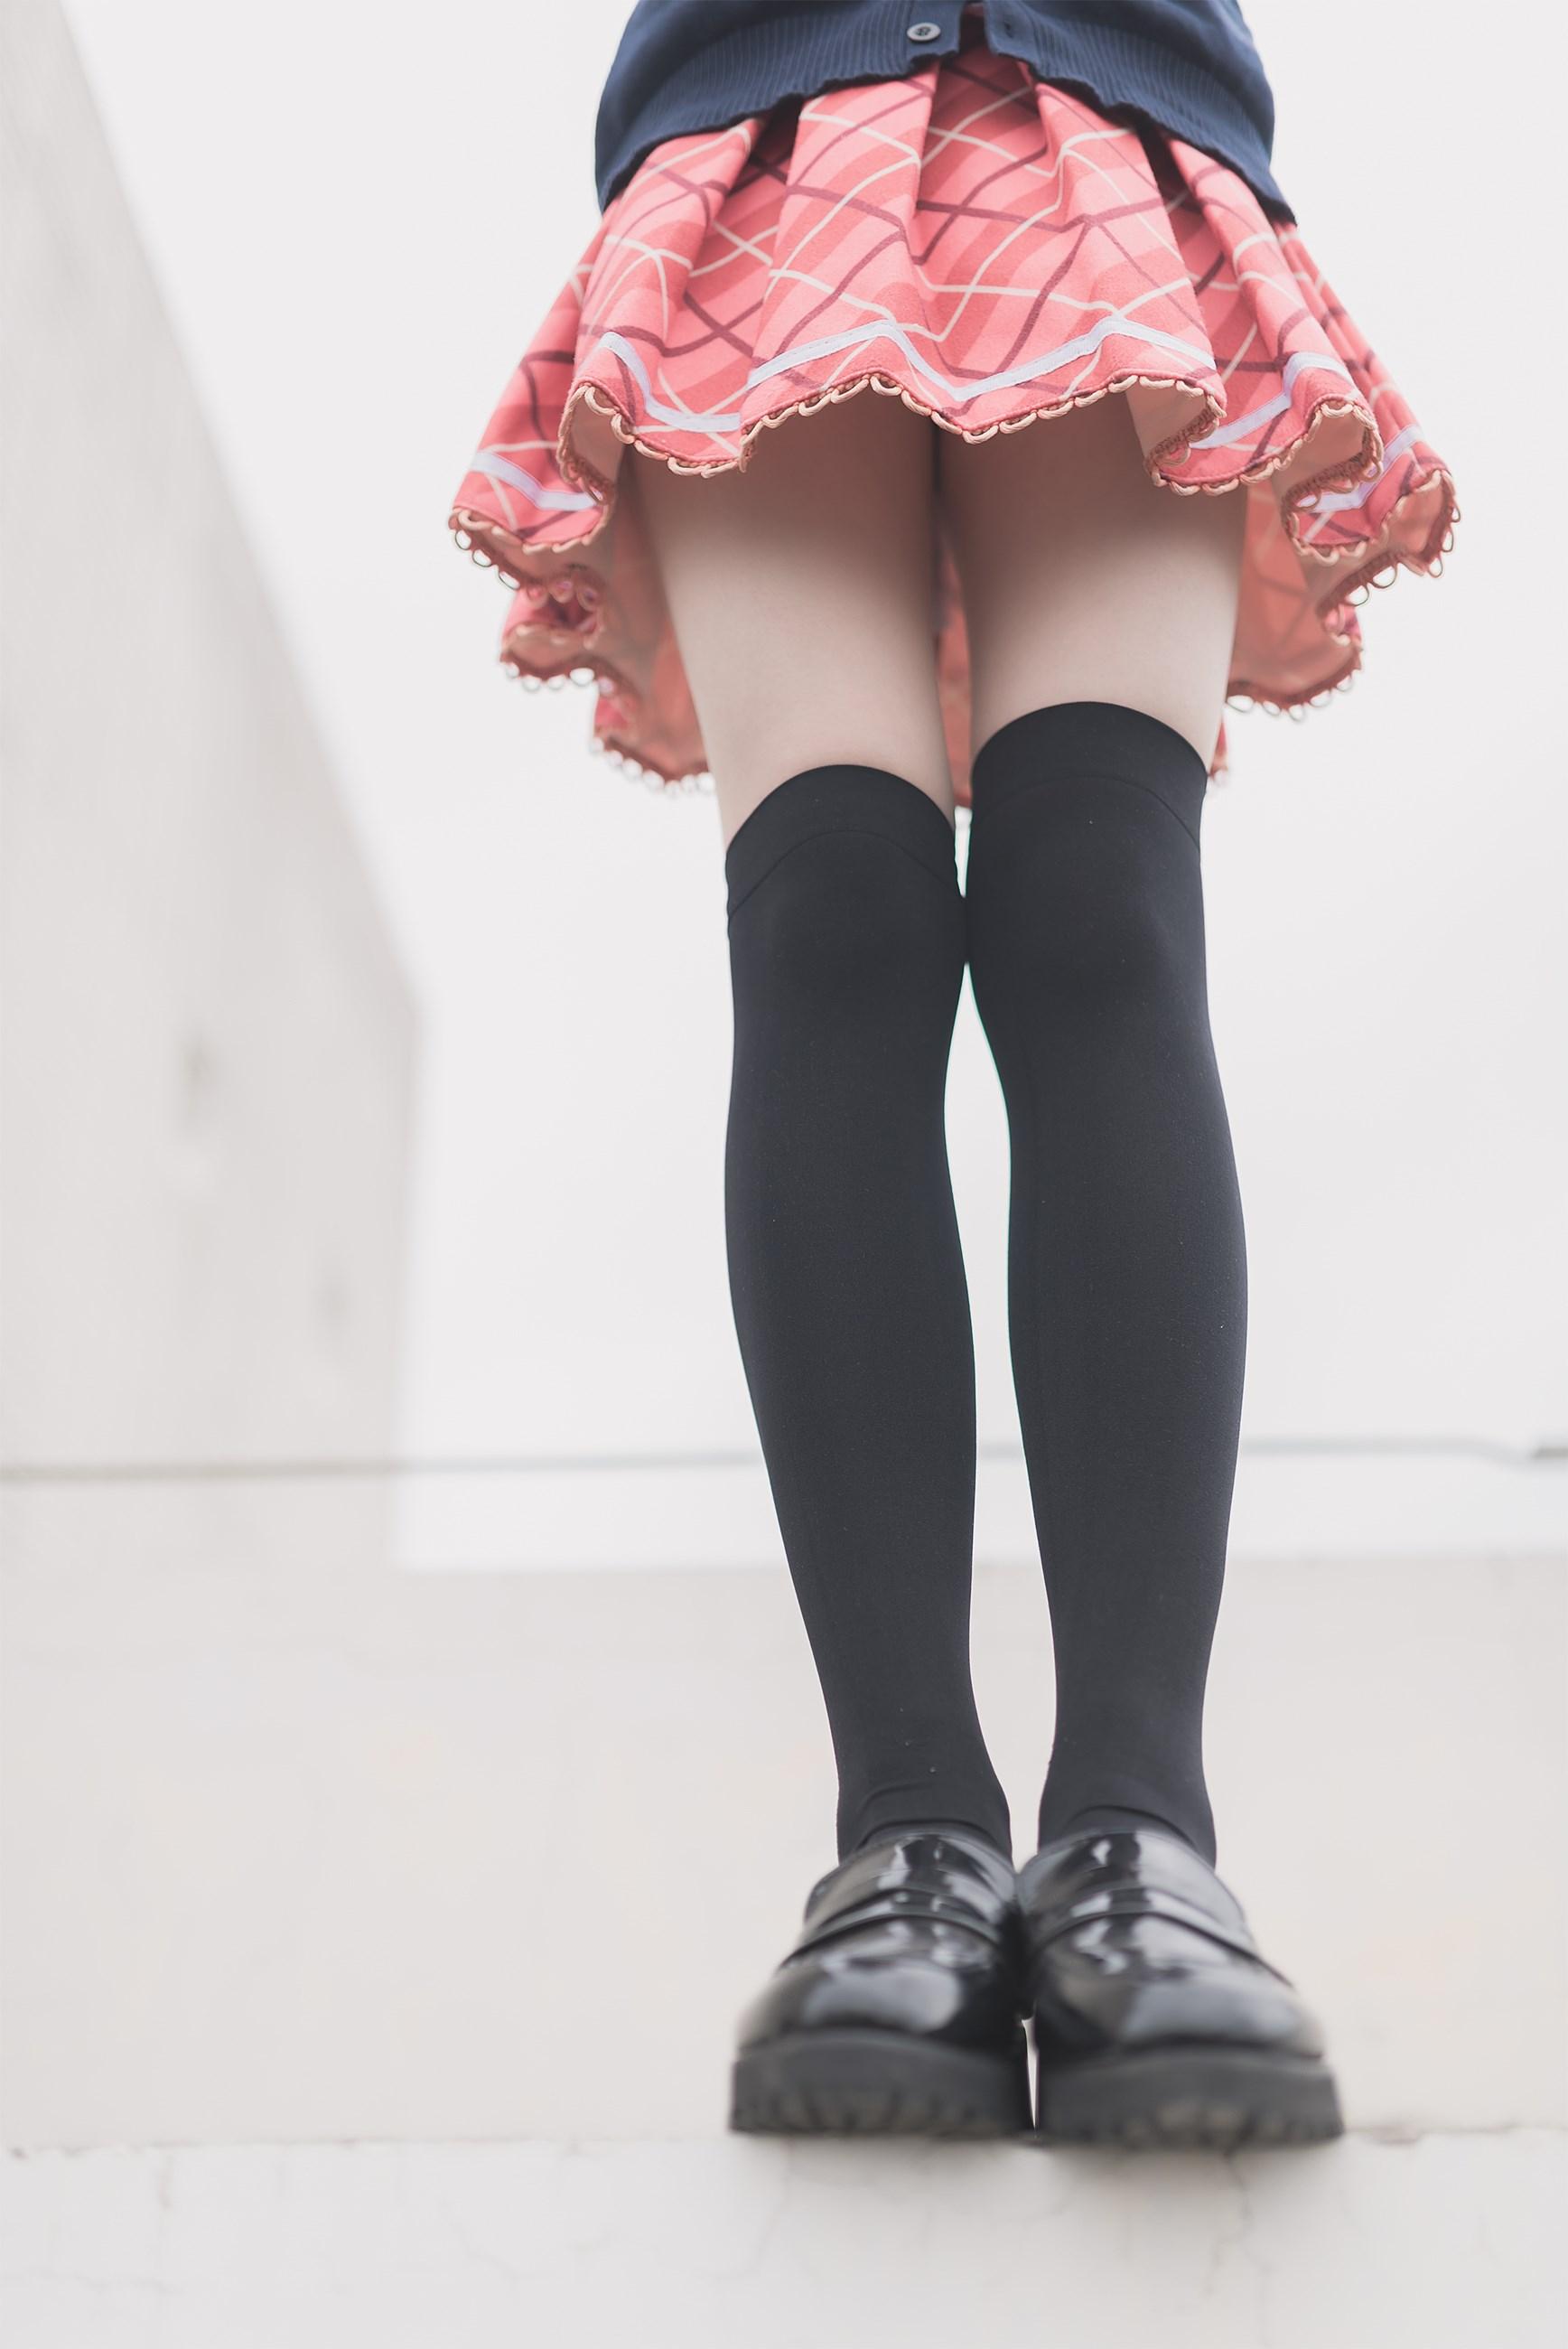 【兔玩映画】过膝袜 兔玩映画 第29张